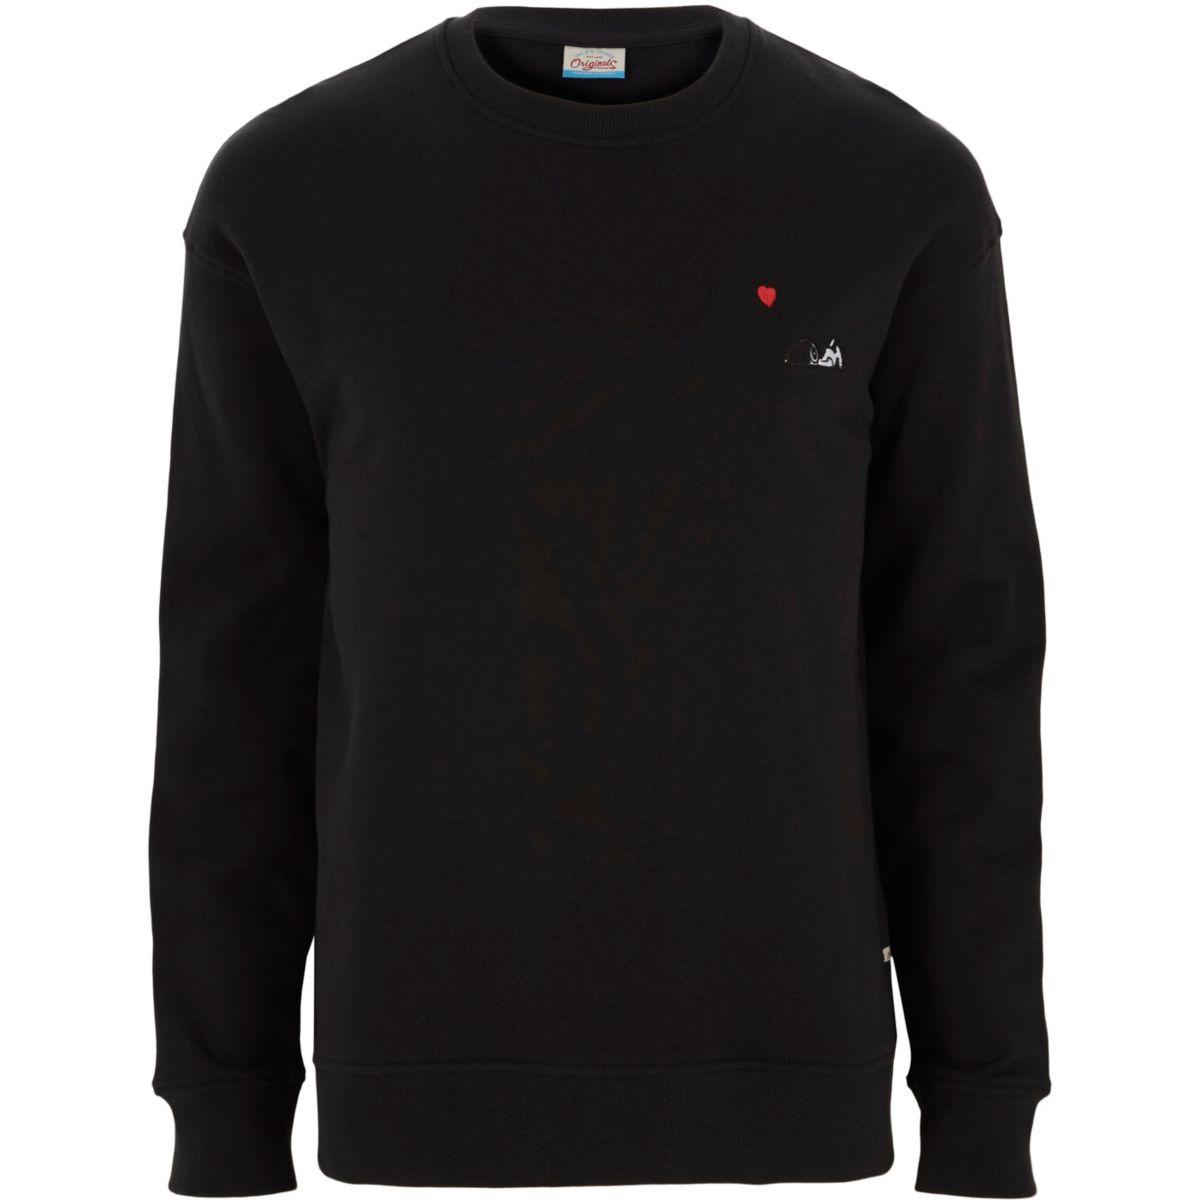 Jack & Jones - Zwart Snoopy-sweatshirt